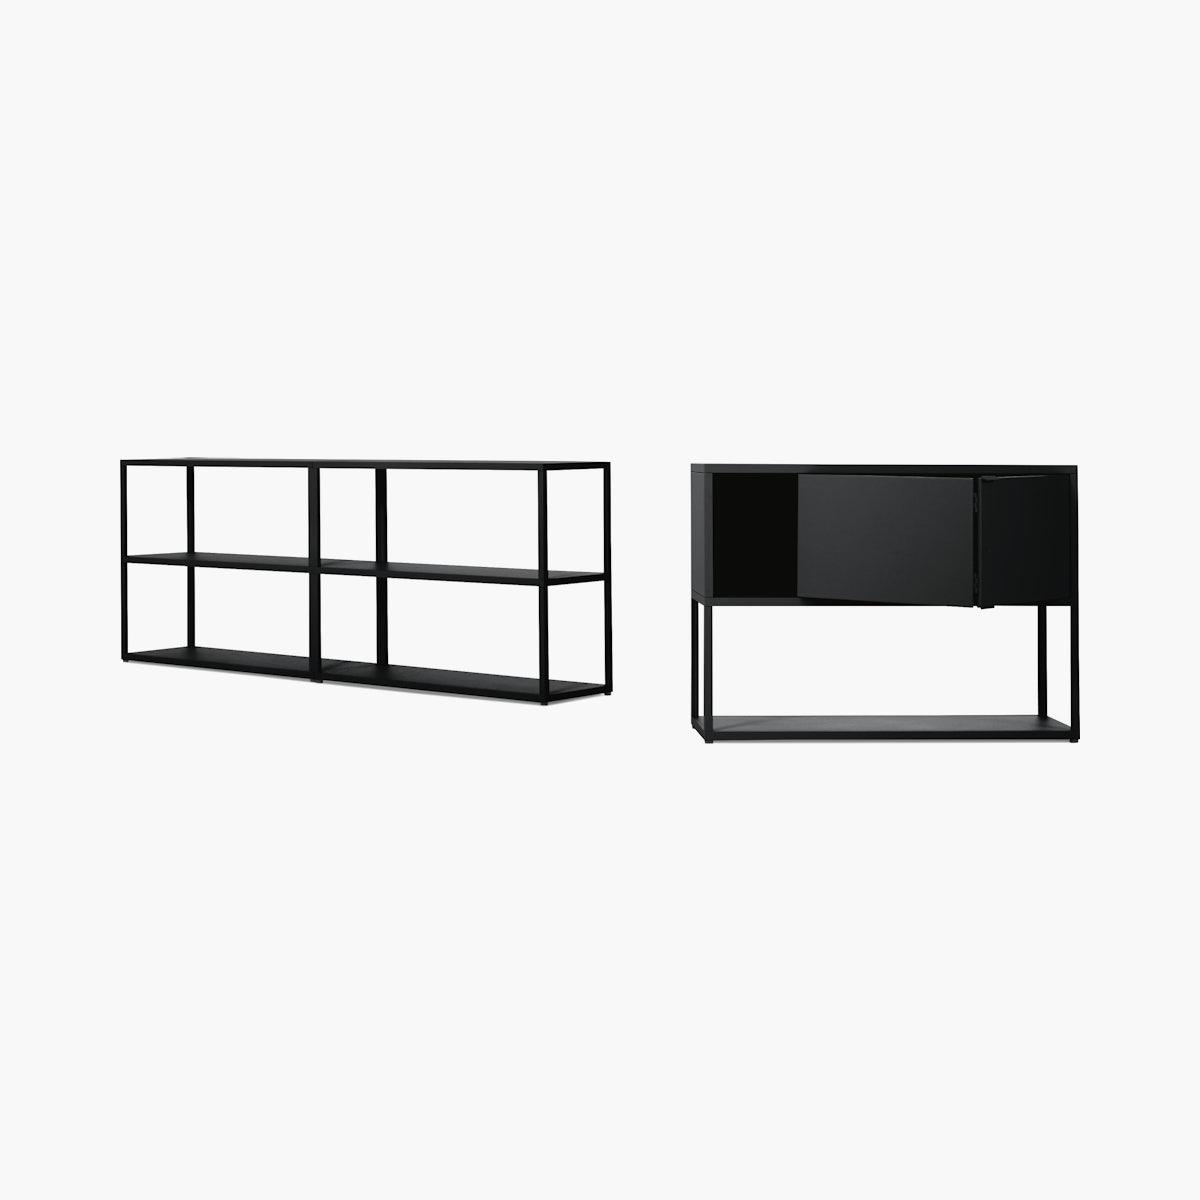 New Order Set - Low Double Bookshelf + Low Single Bookshelf with Storage